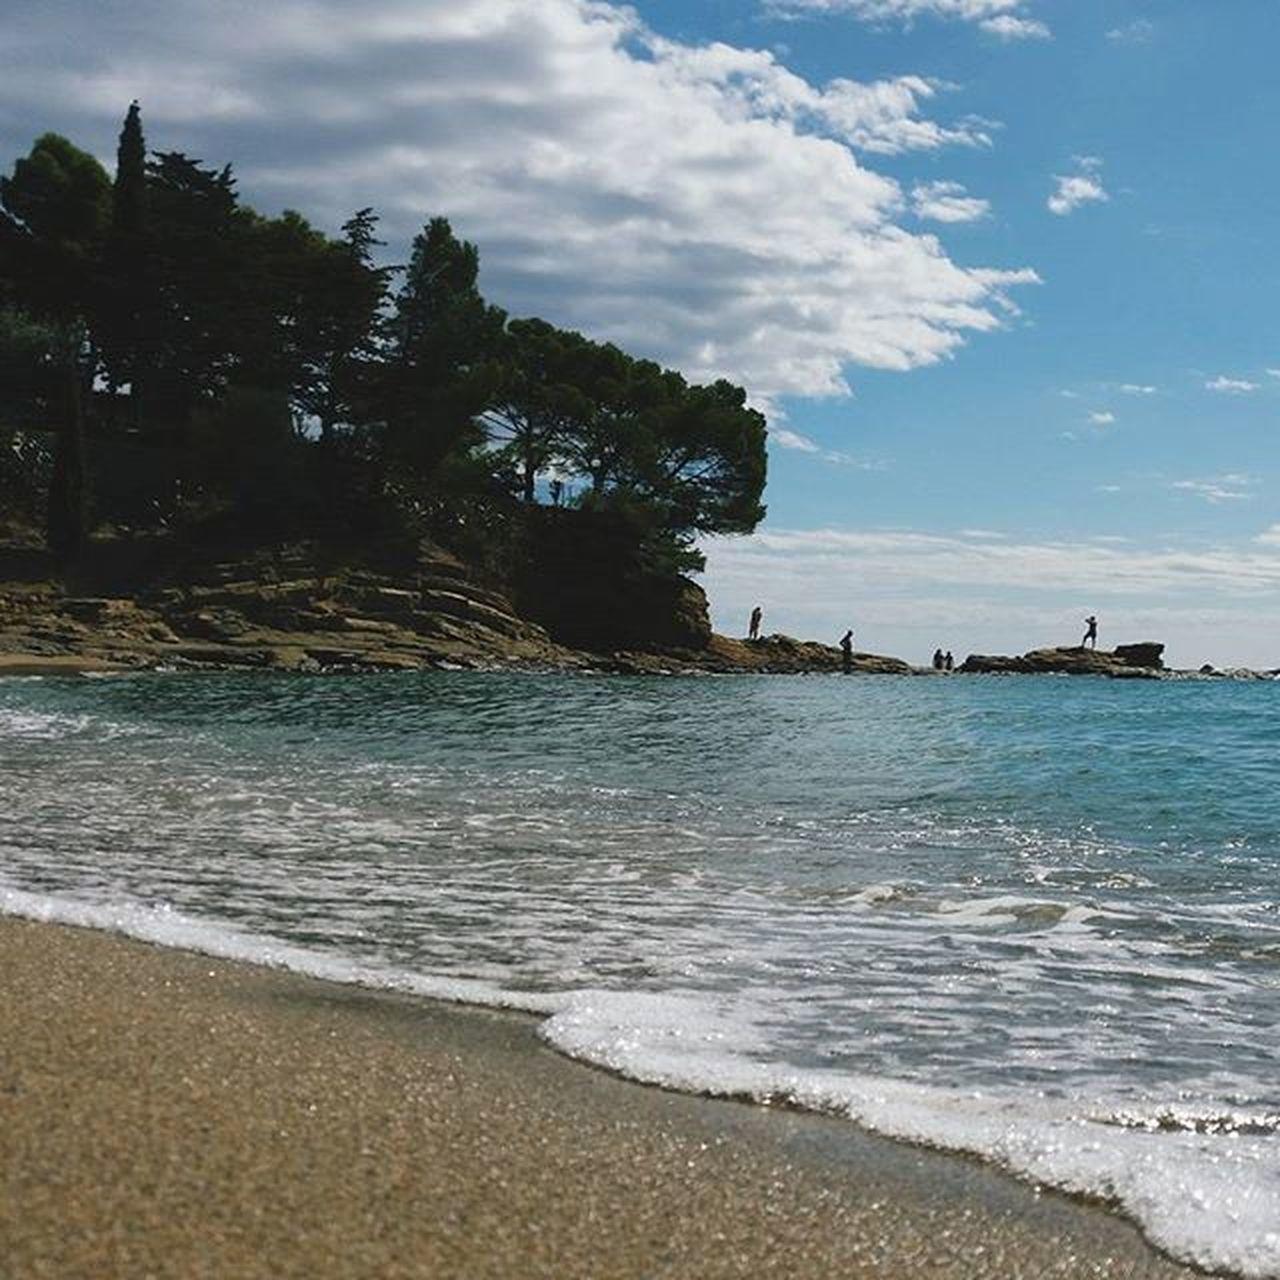 Un altre dia al paradís!!!. @ig_catalonia Ig_catalonia_mar . @ilovepiques Piquedevacaciones . Srs de @movilgrafias, acepten esta foto para el reto de Rutinagrafias , es lo que hago todos los días desde que estoy de vacaciones!! 😁😜 . Boooooon diaaaa a tothom!!!